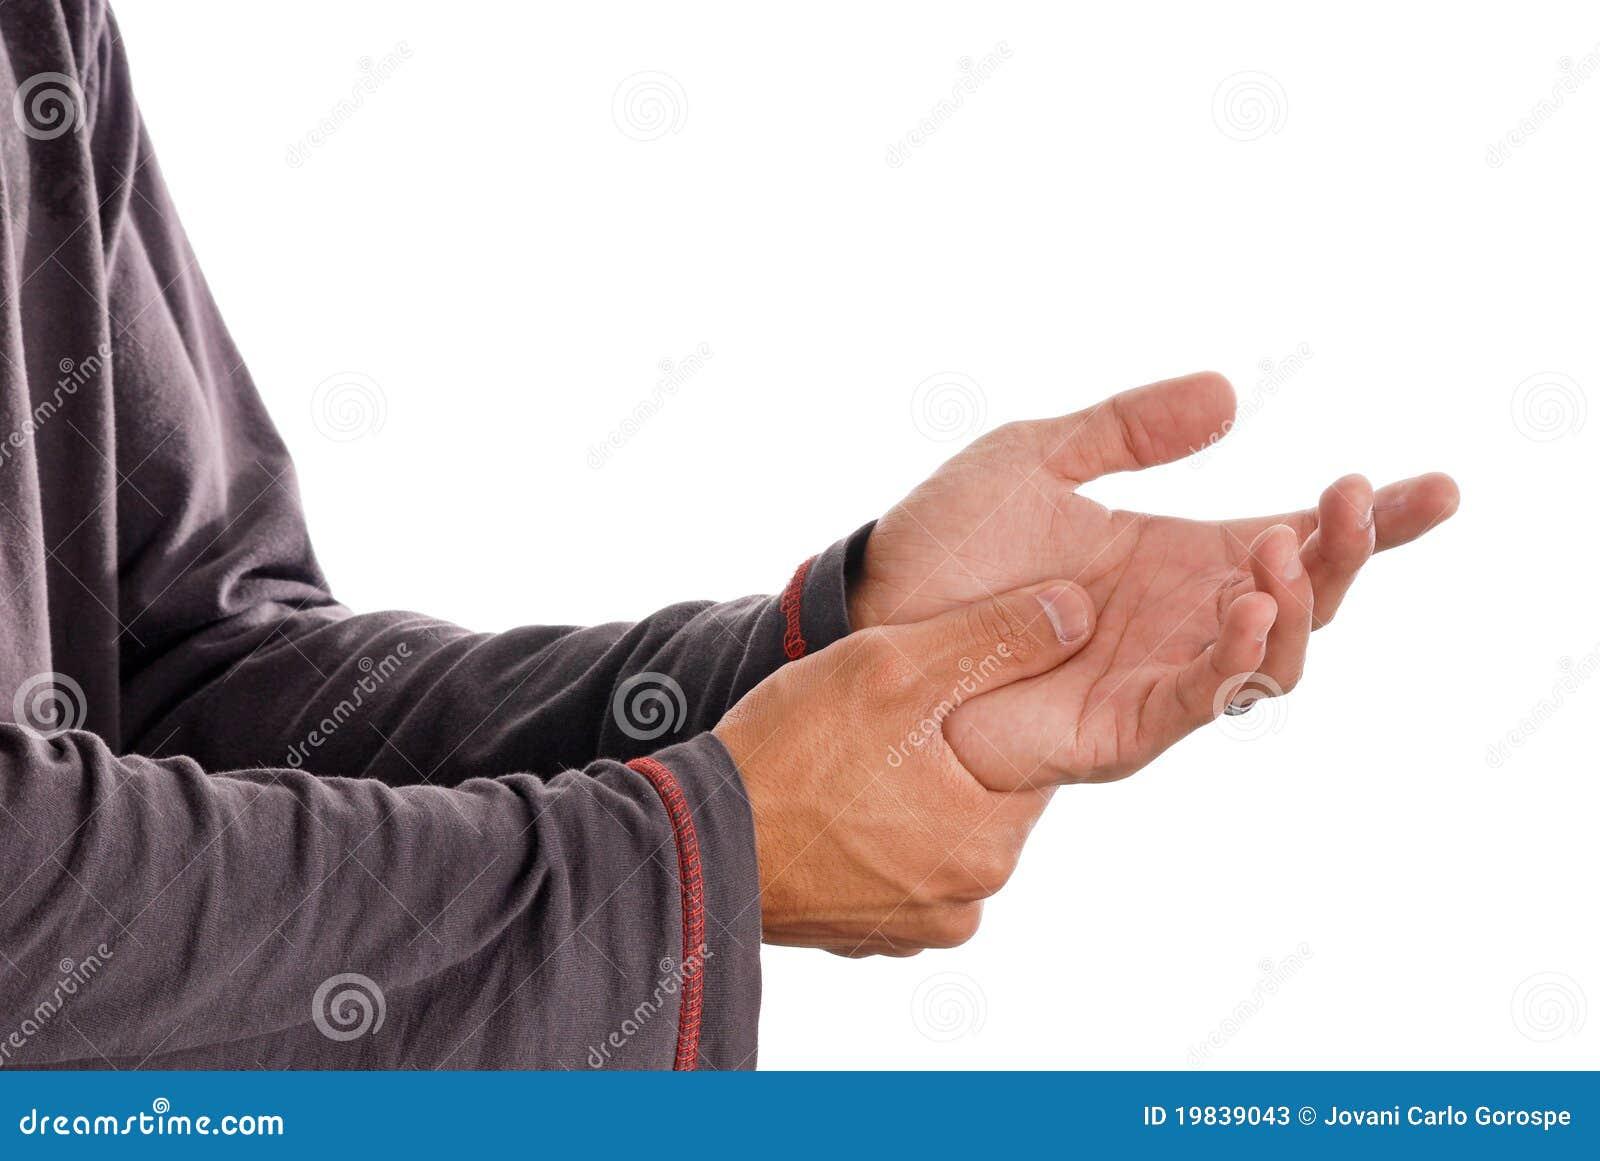 La douleur de l arthrite